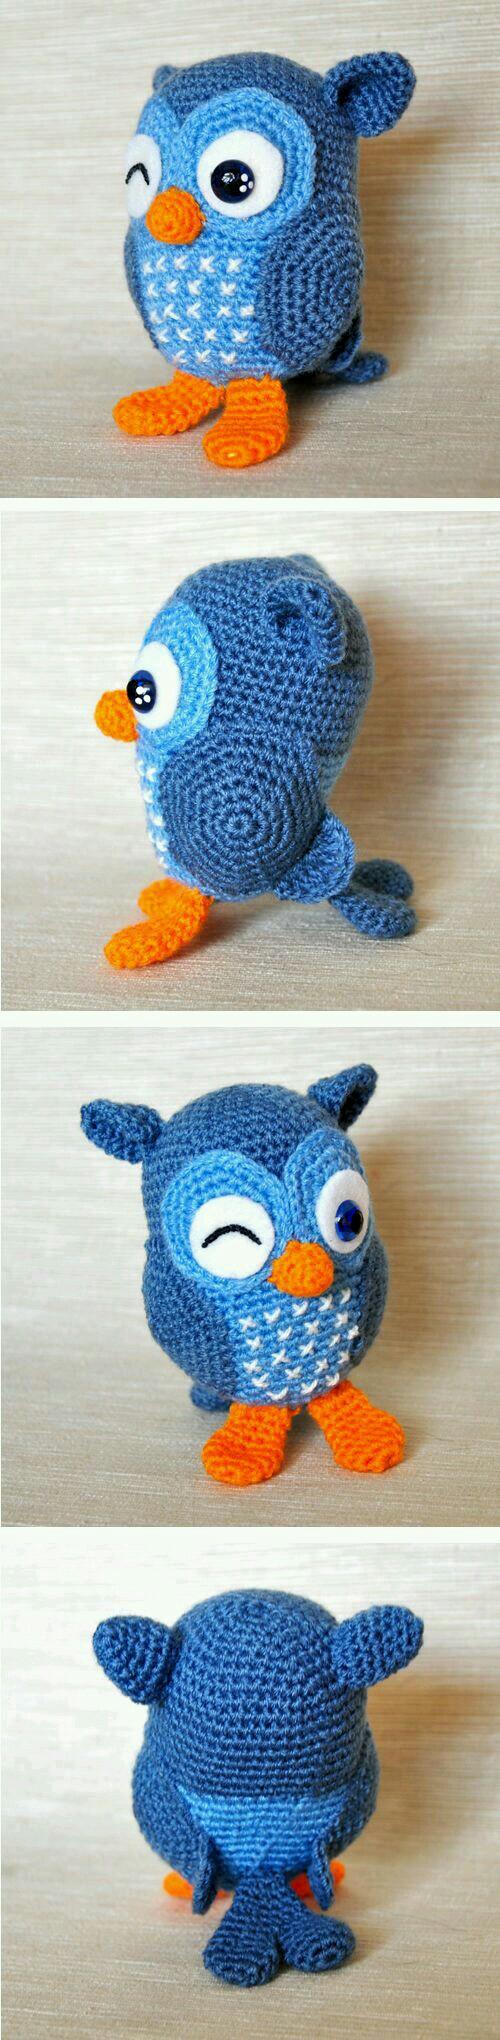 Pin von Kara Olmos auf Crochet | Pinterest | Häkeln anleitung ...